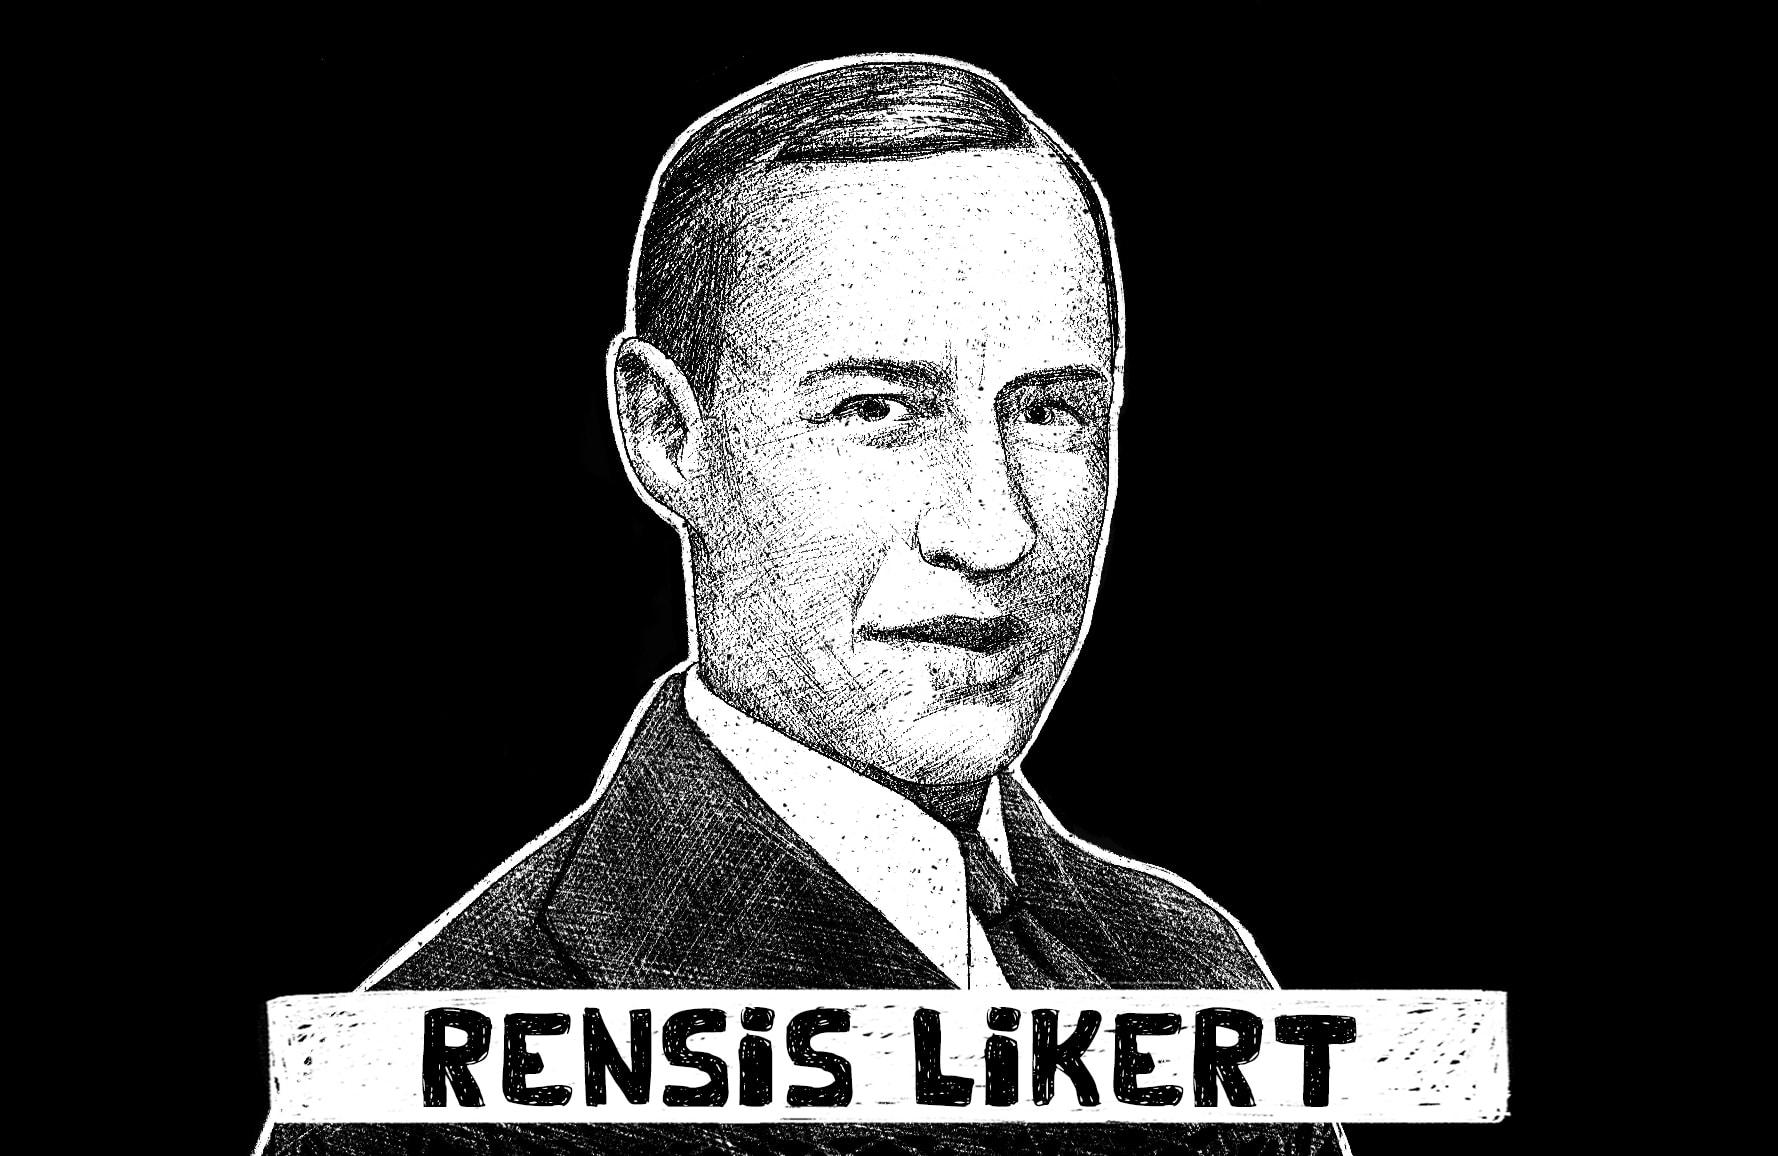 Rensis Likert